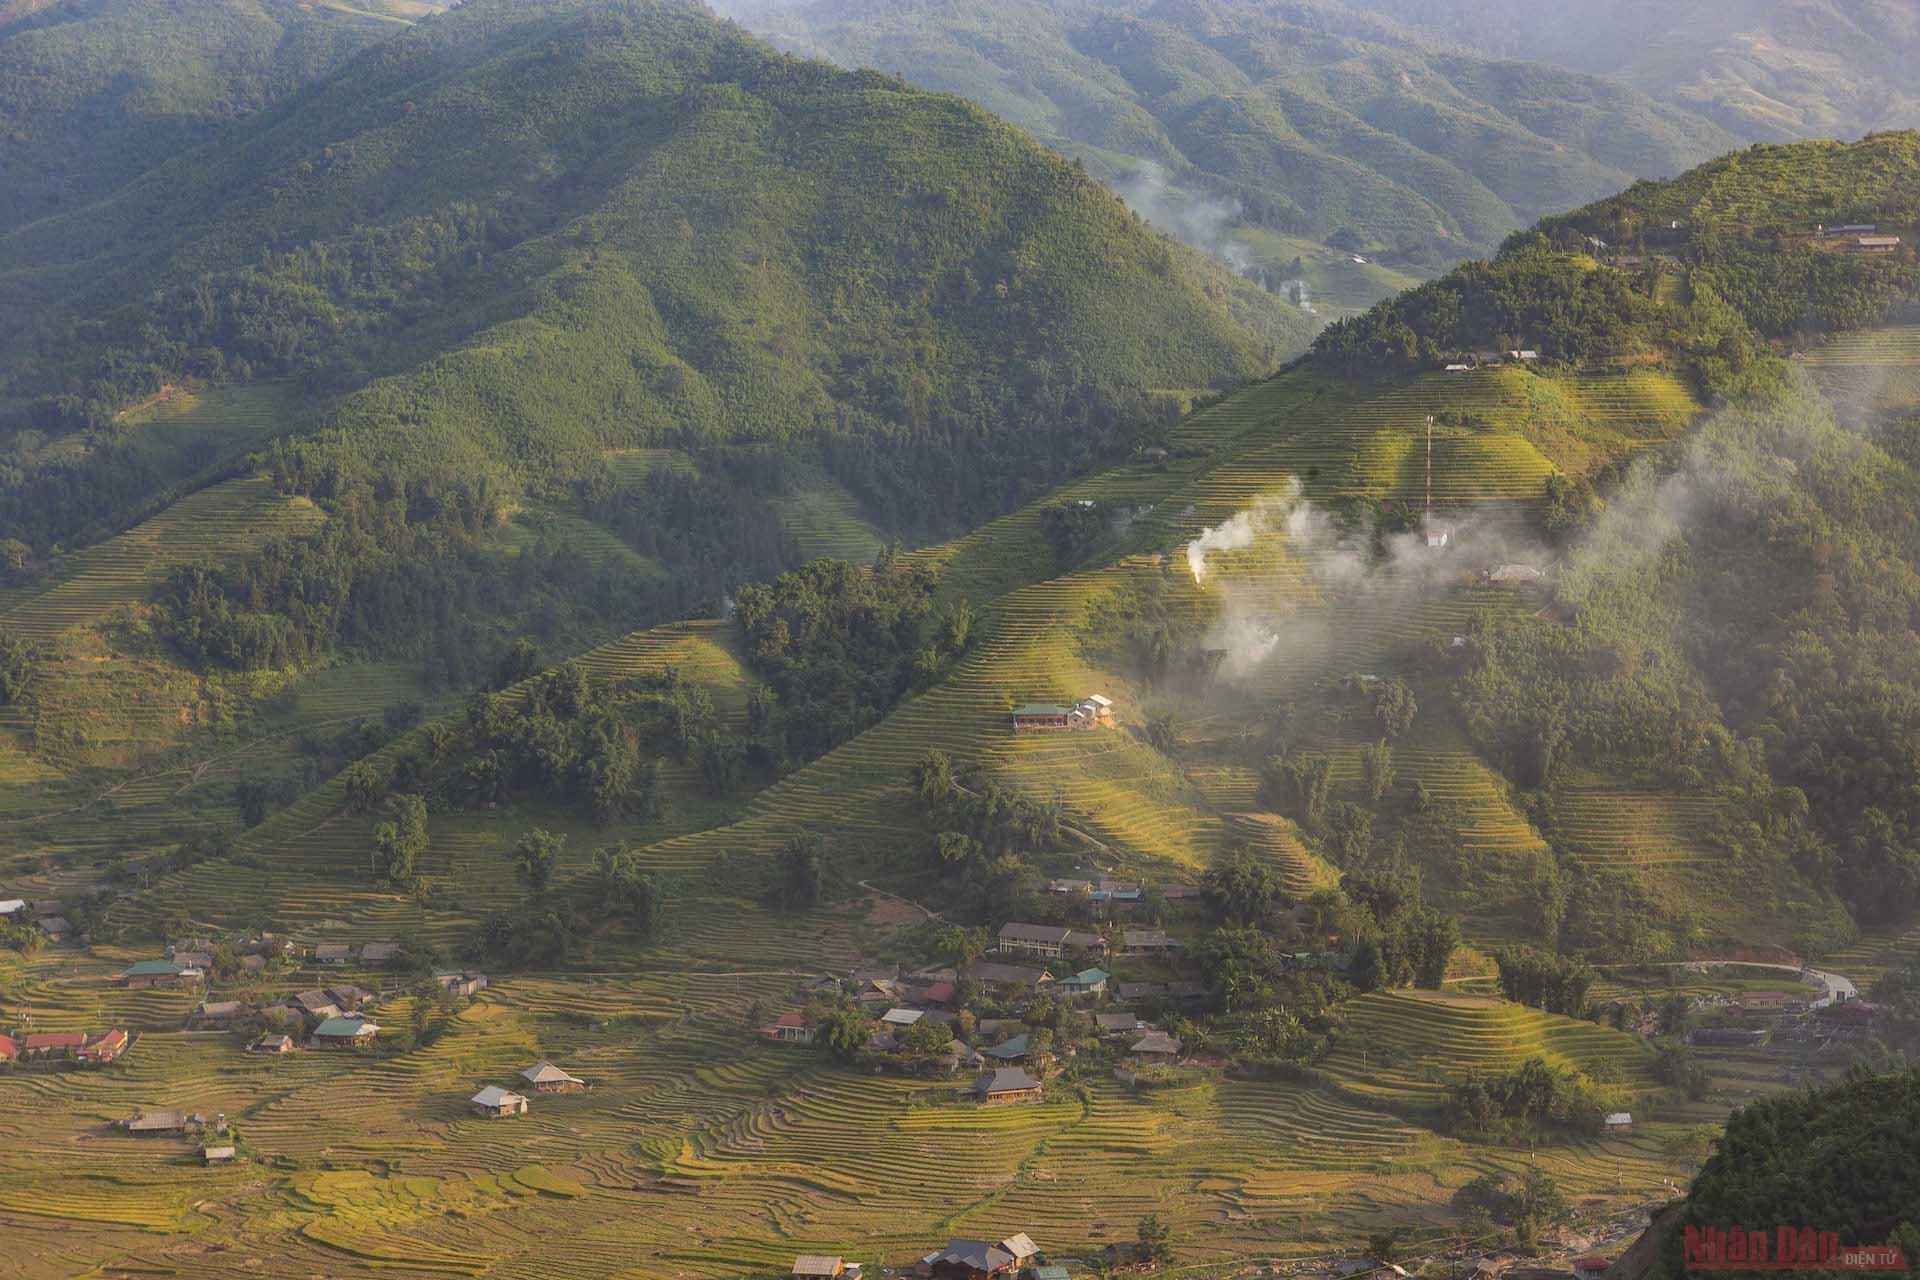 poetic golden rice season in muong hoa valley